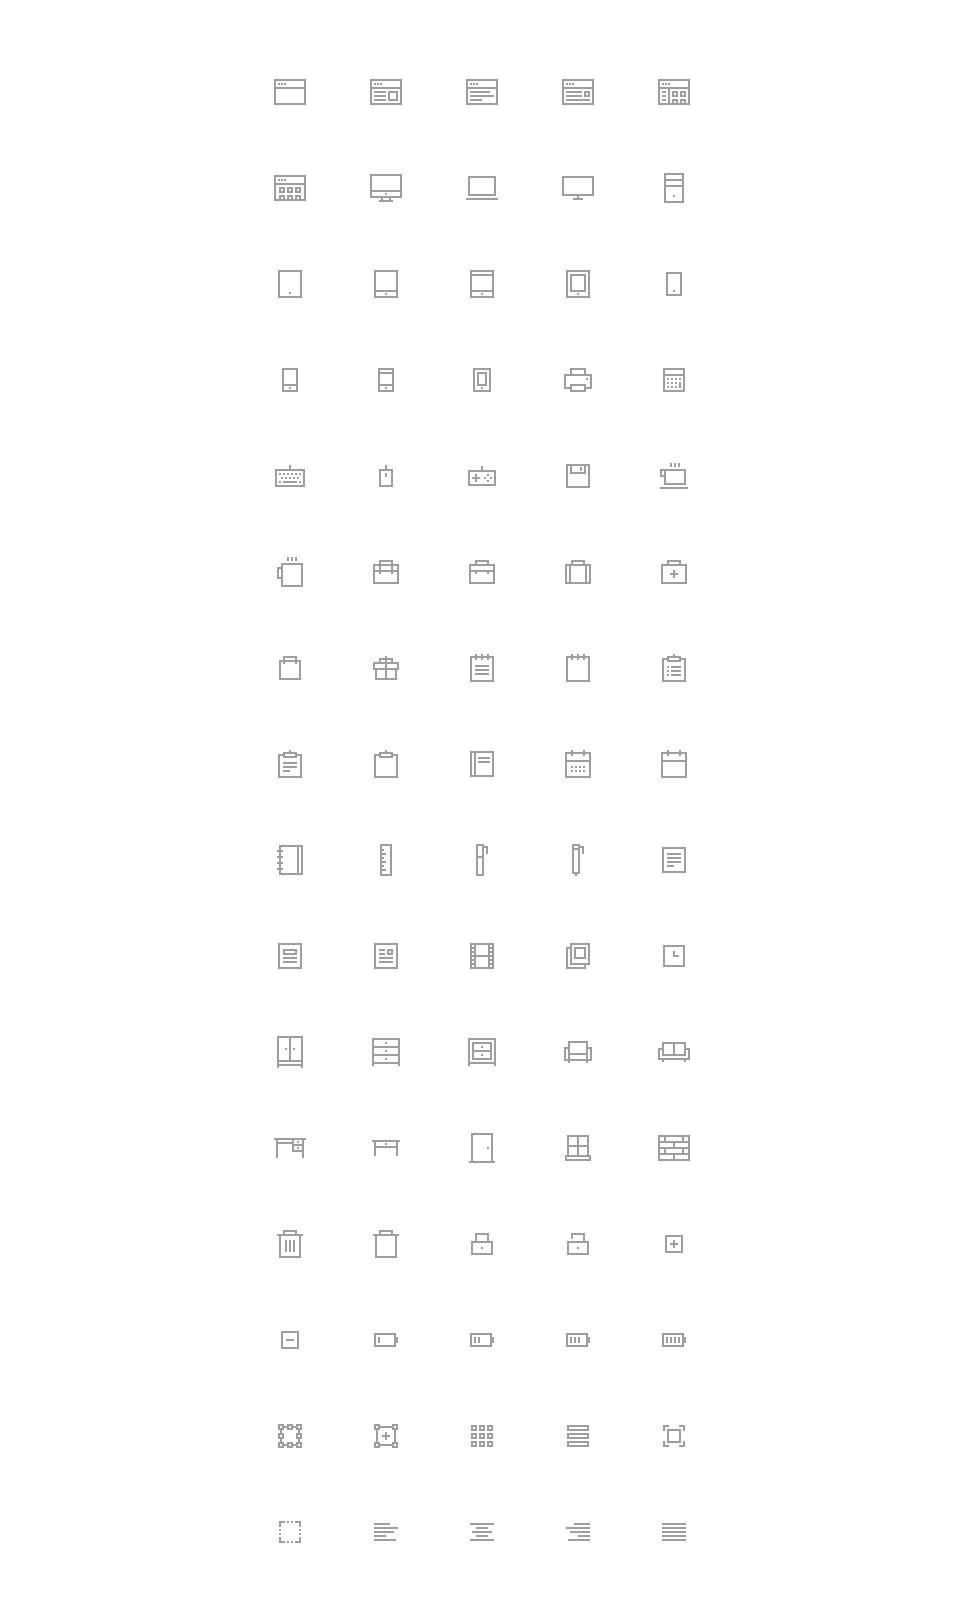 Pixelvicon Icon Set